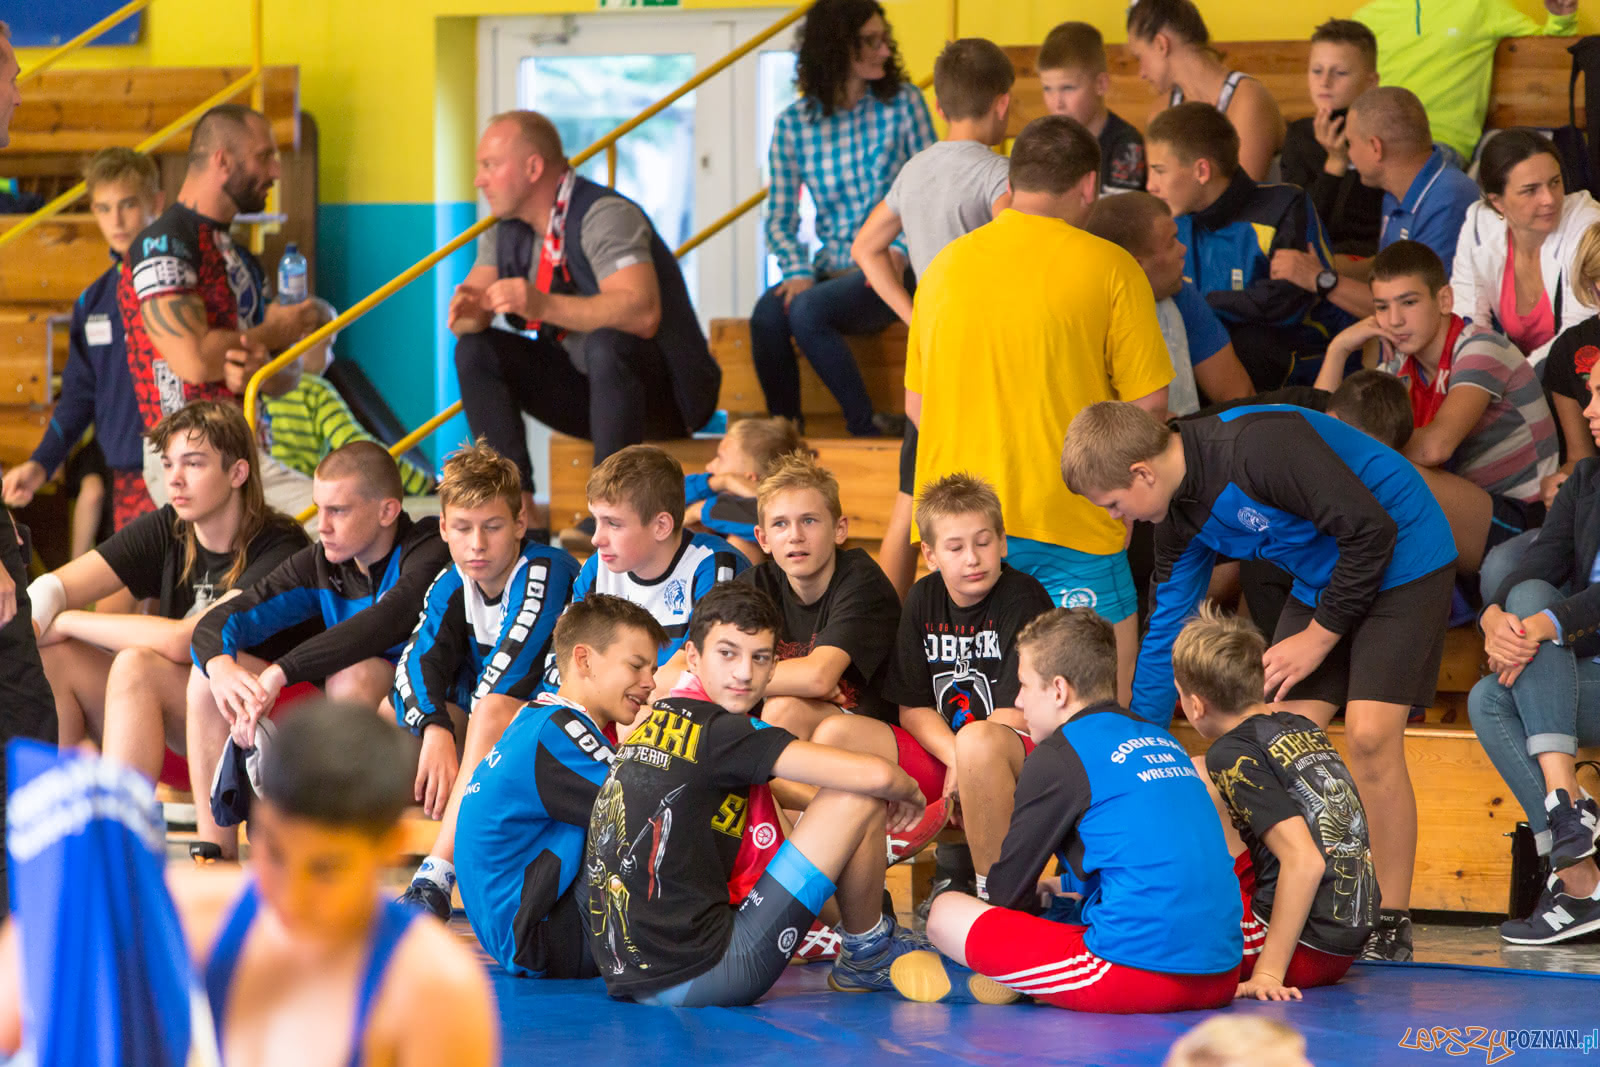 XII Międzynarodowy Turniej o Memoriał Józefa Moczyńskiego -  Foto: lepszyPOZNAN.pl/Piotr Rychter